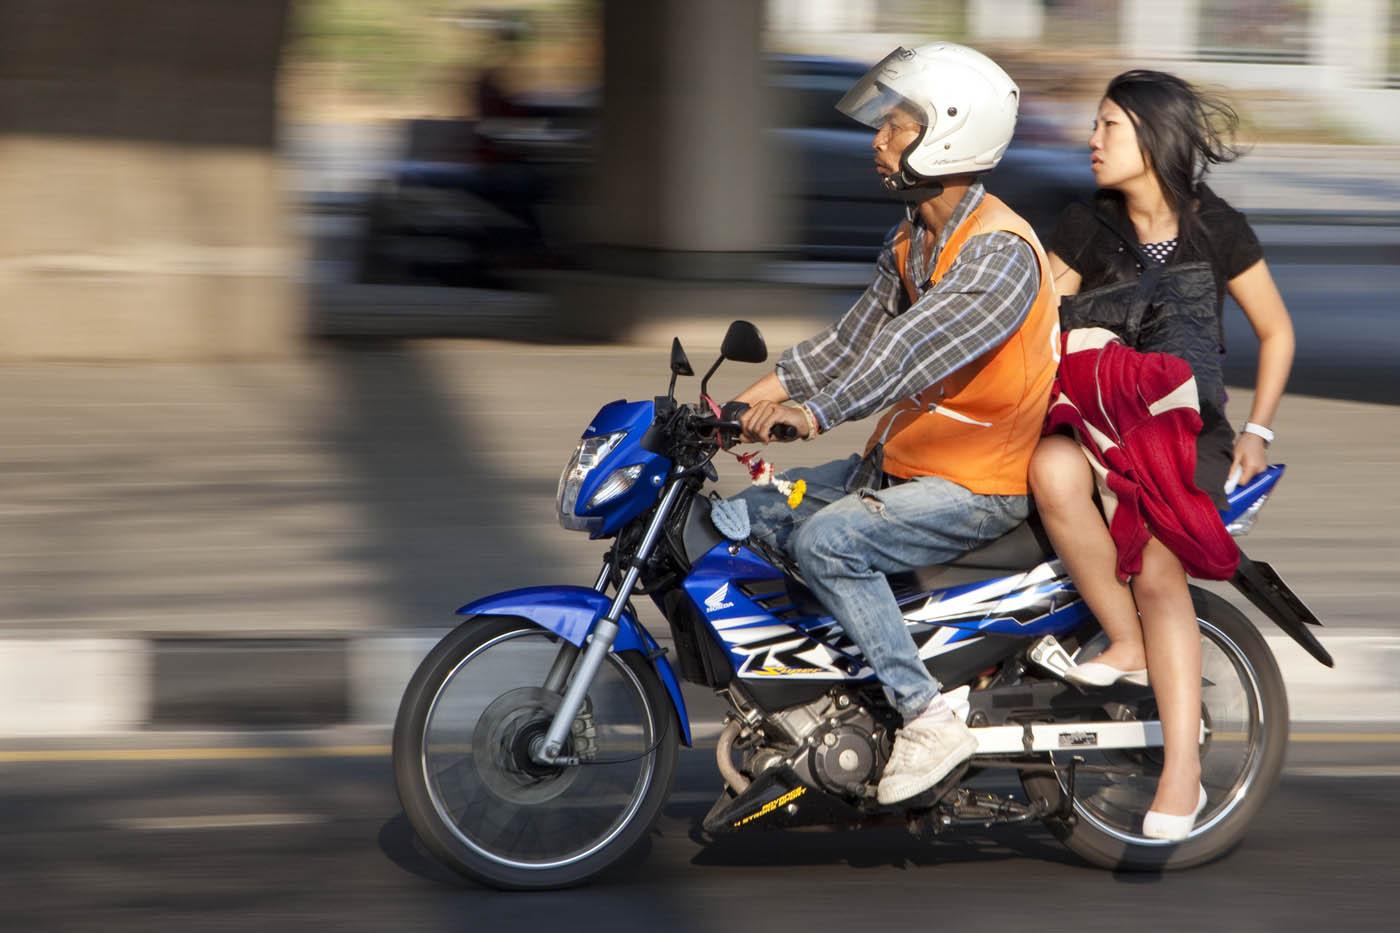 Bangkok Girls on Bikes